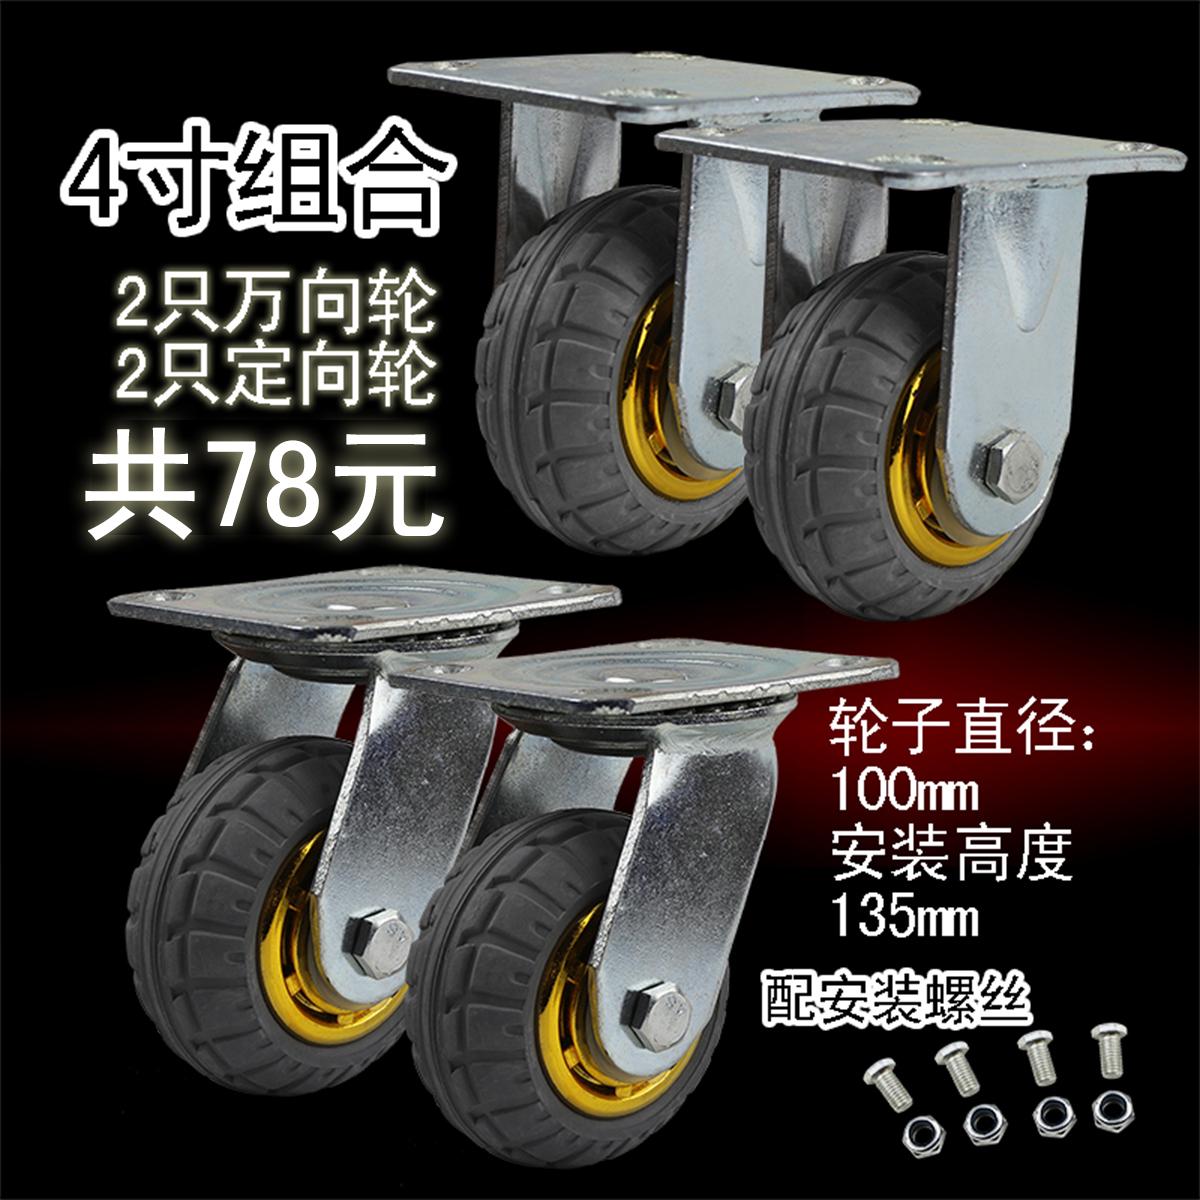 중형 6 촌 음소거 고무 바퀴 카르단 두르르 특이한 set 바퀴가 4 8 다섯 치 치 치 작은 수레를 산업용 바퀴